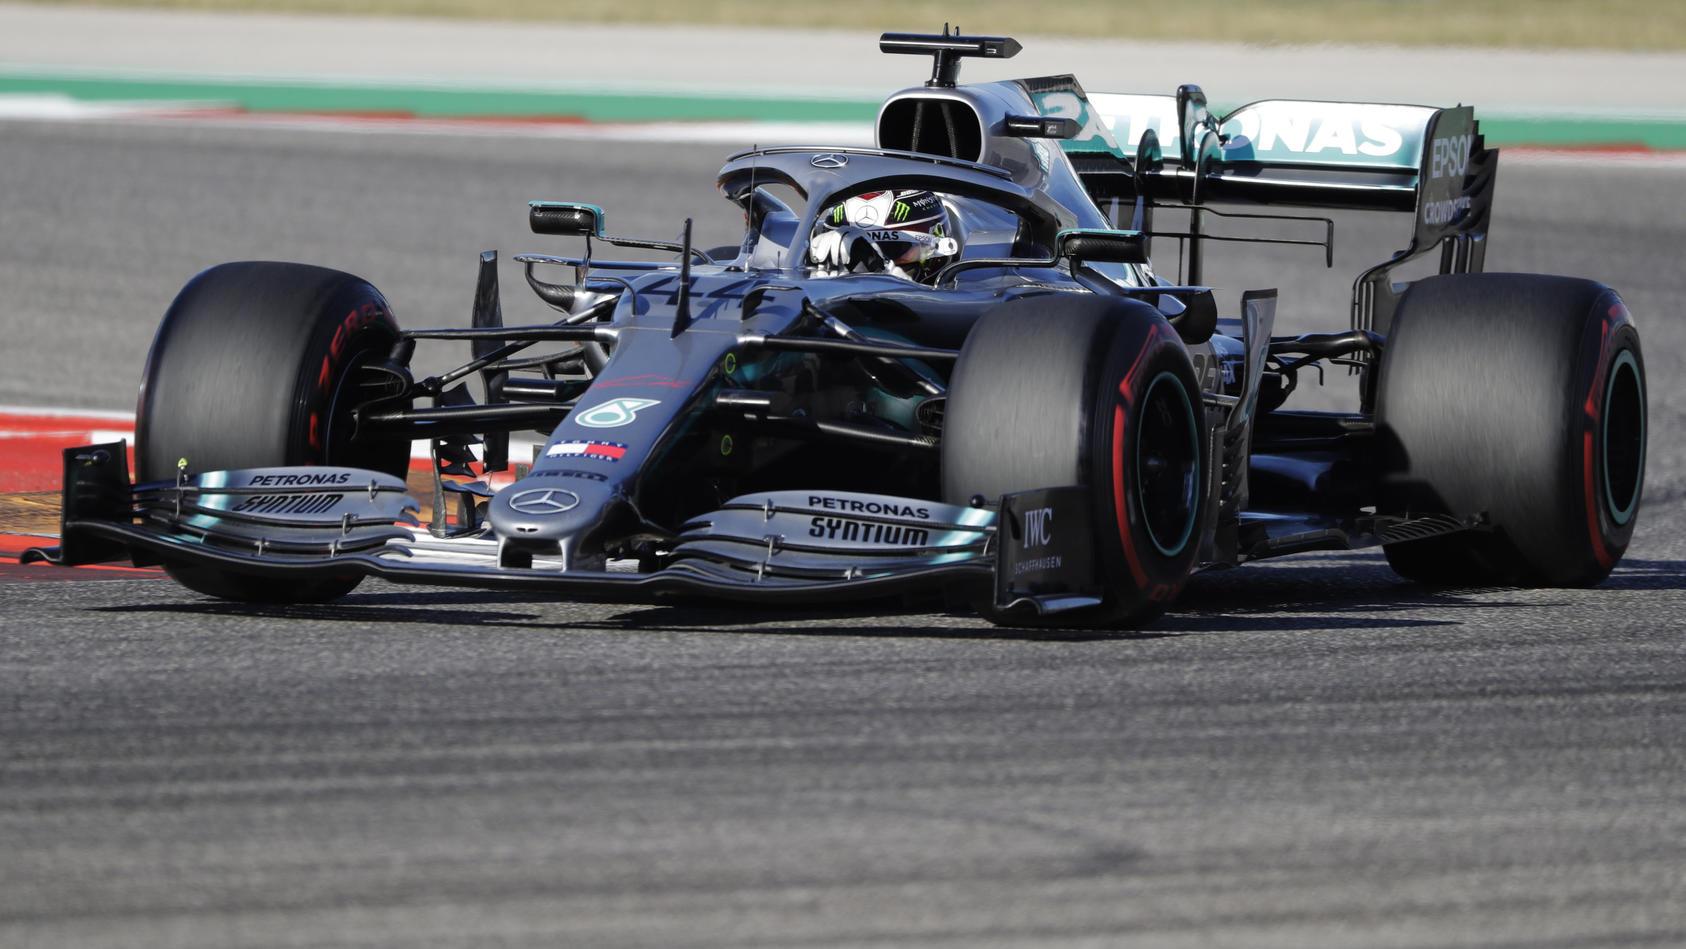 Formel 1 Rennen USA GP in Austin, Texas, live im TV oder online im Live-Ticker sehen